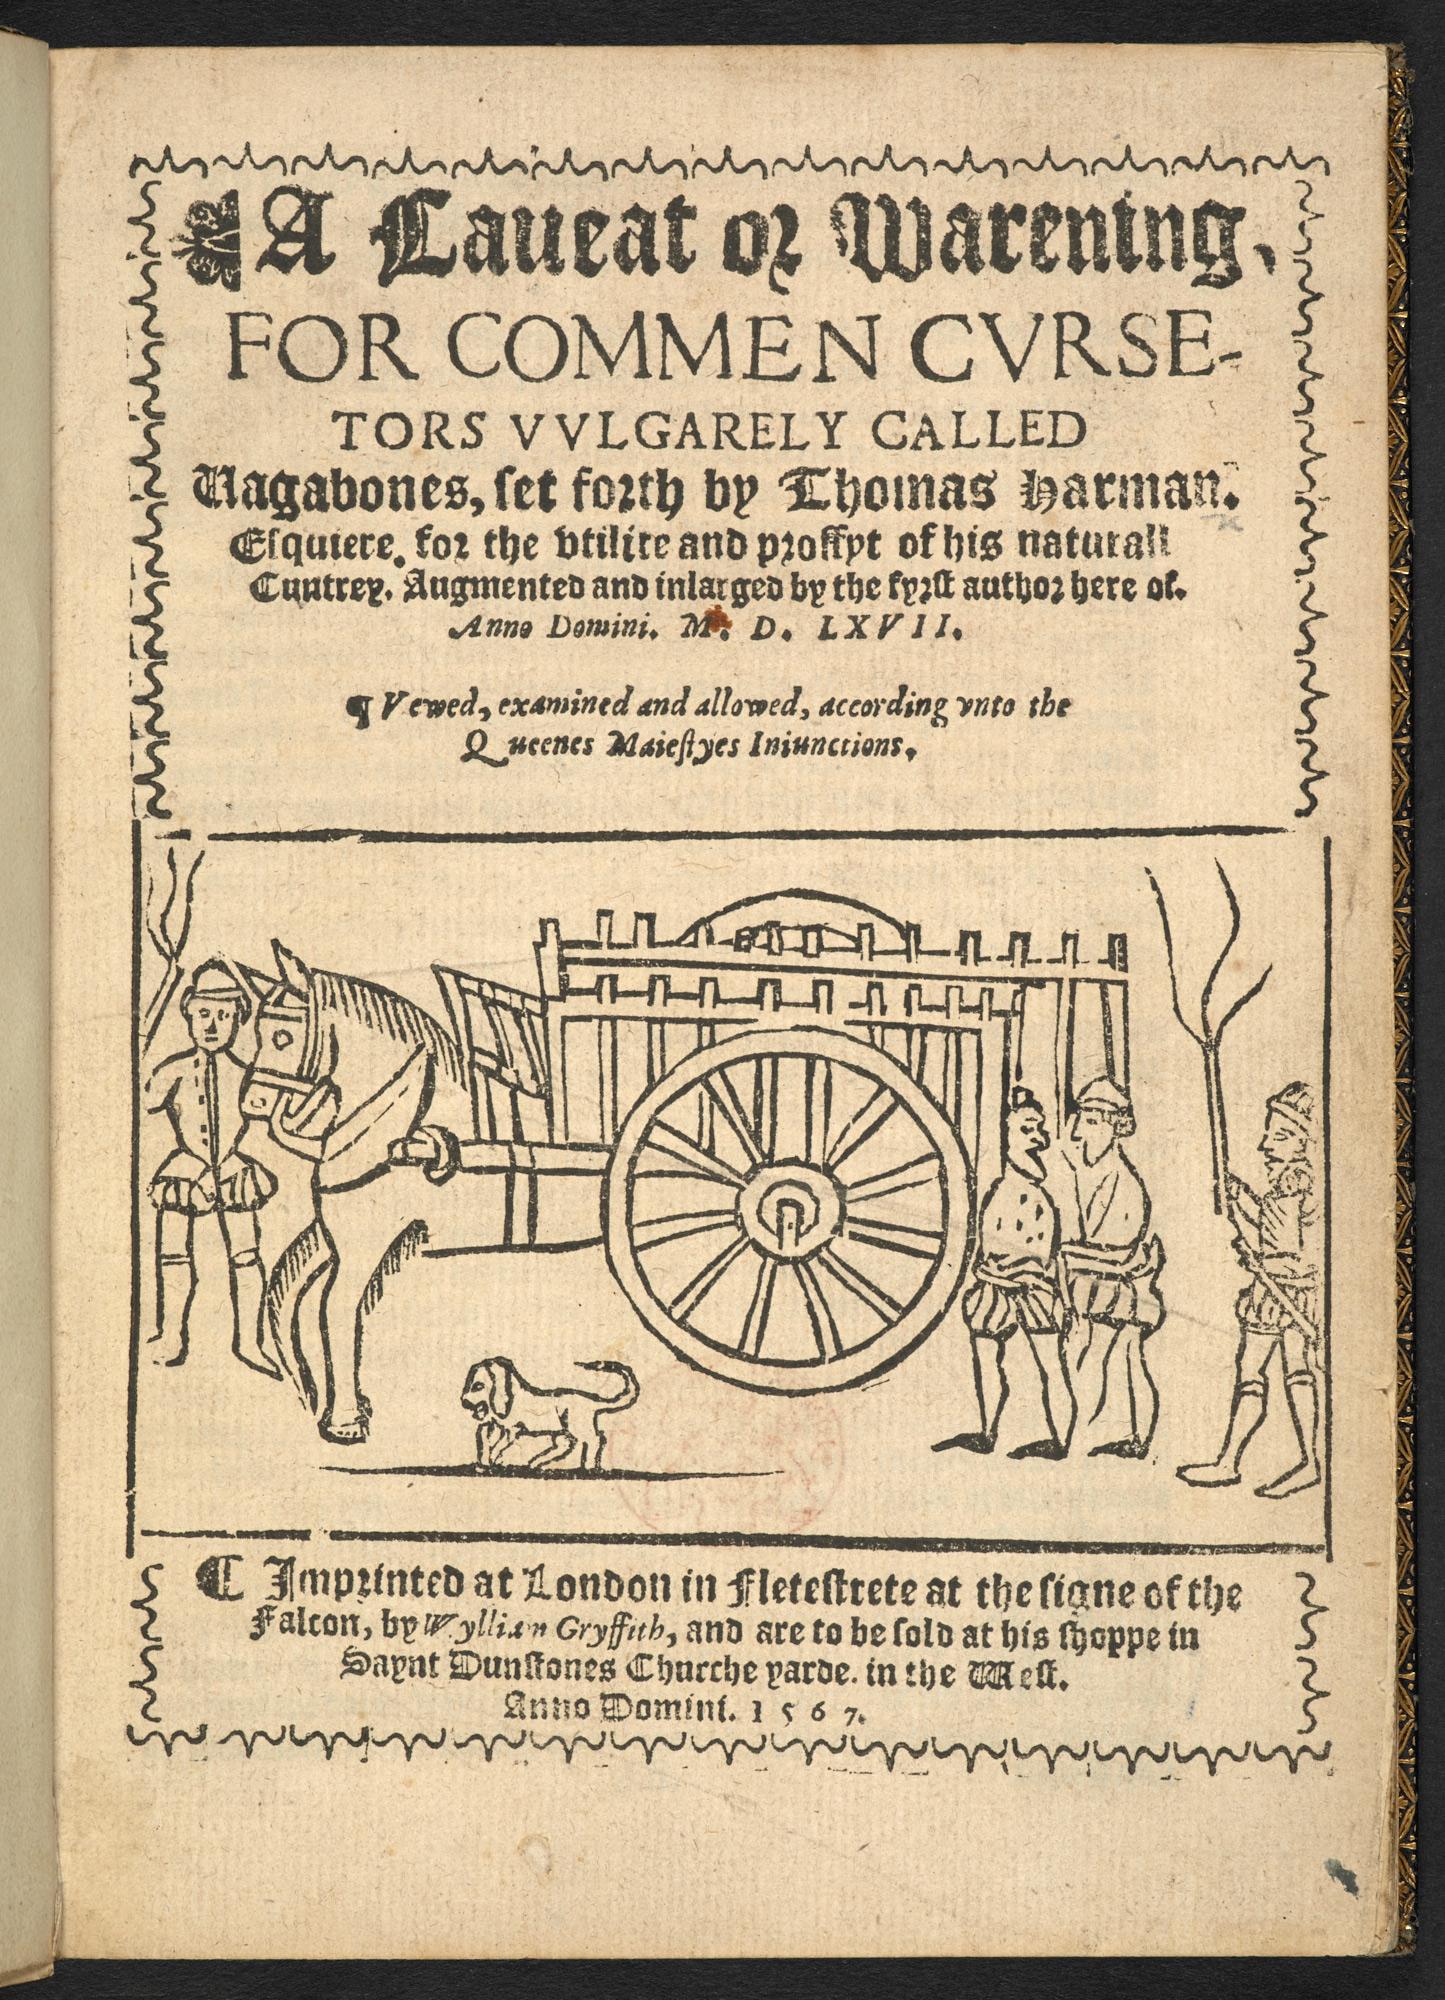 A Caveat for Common Cursetors, 1567